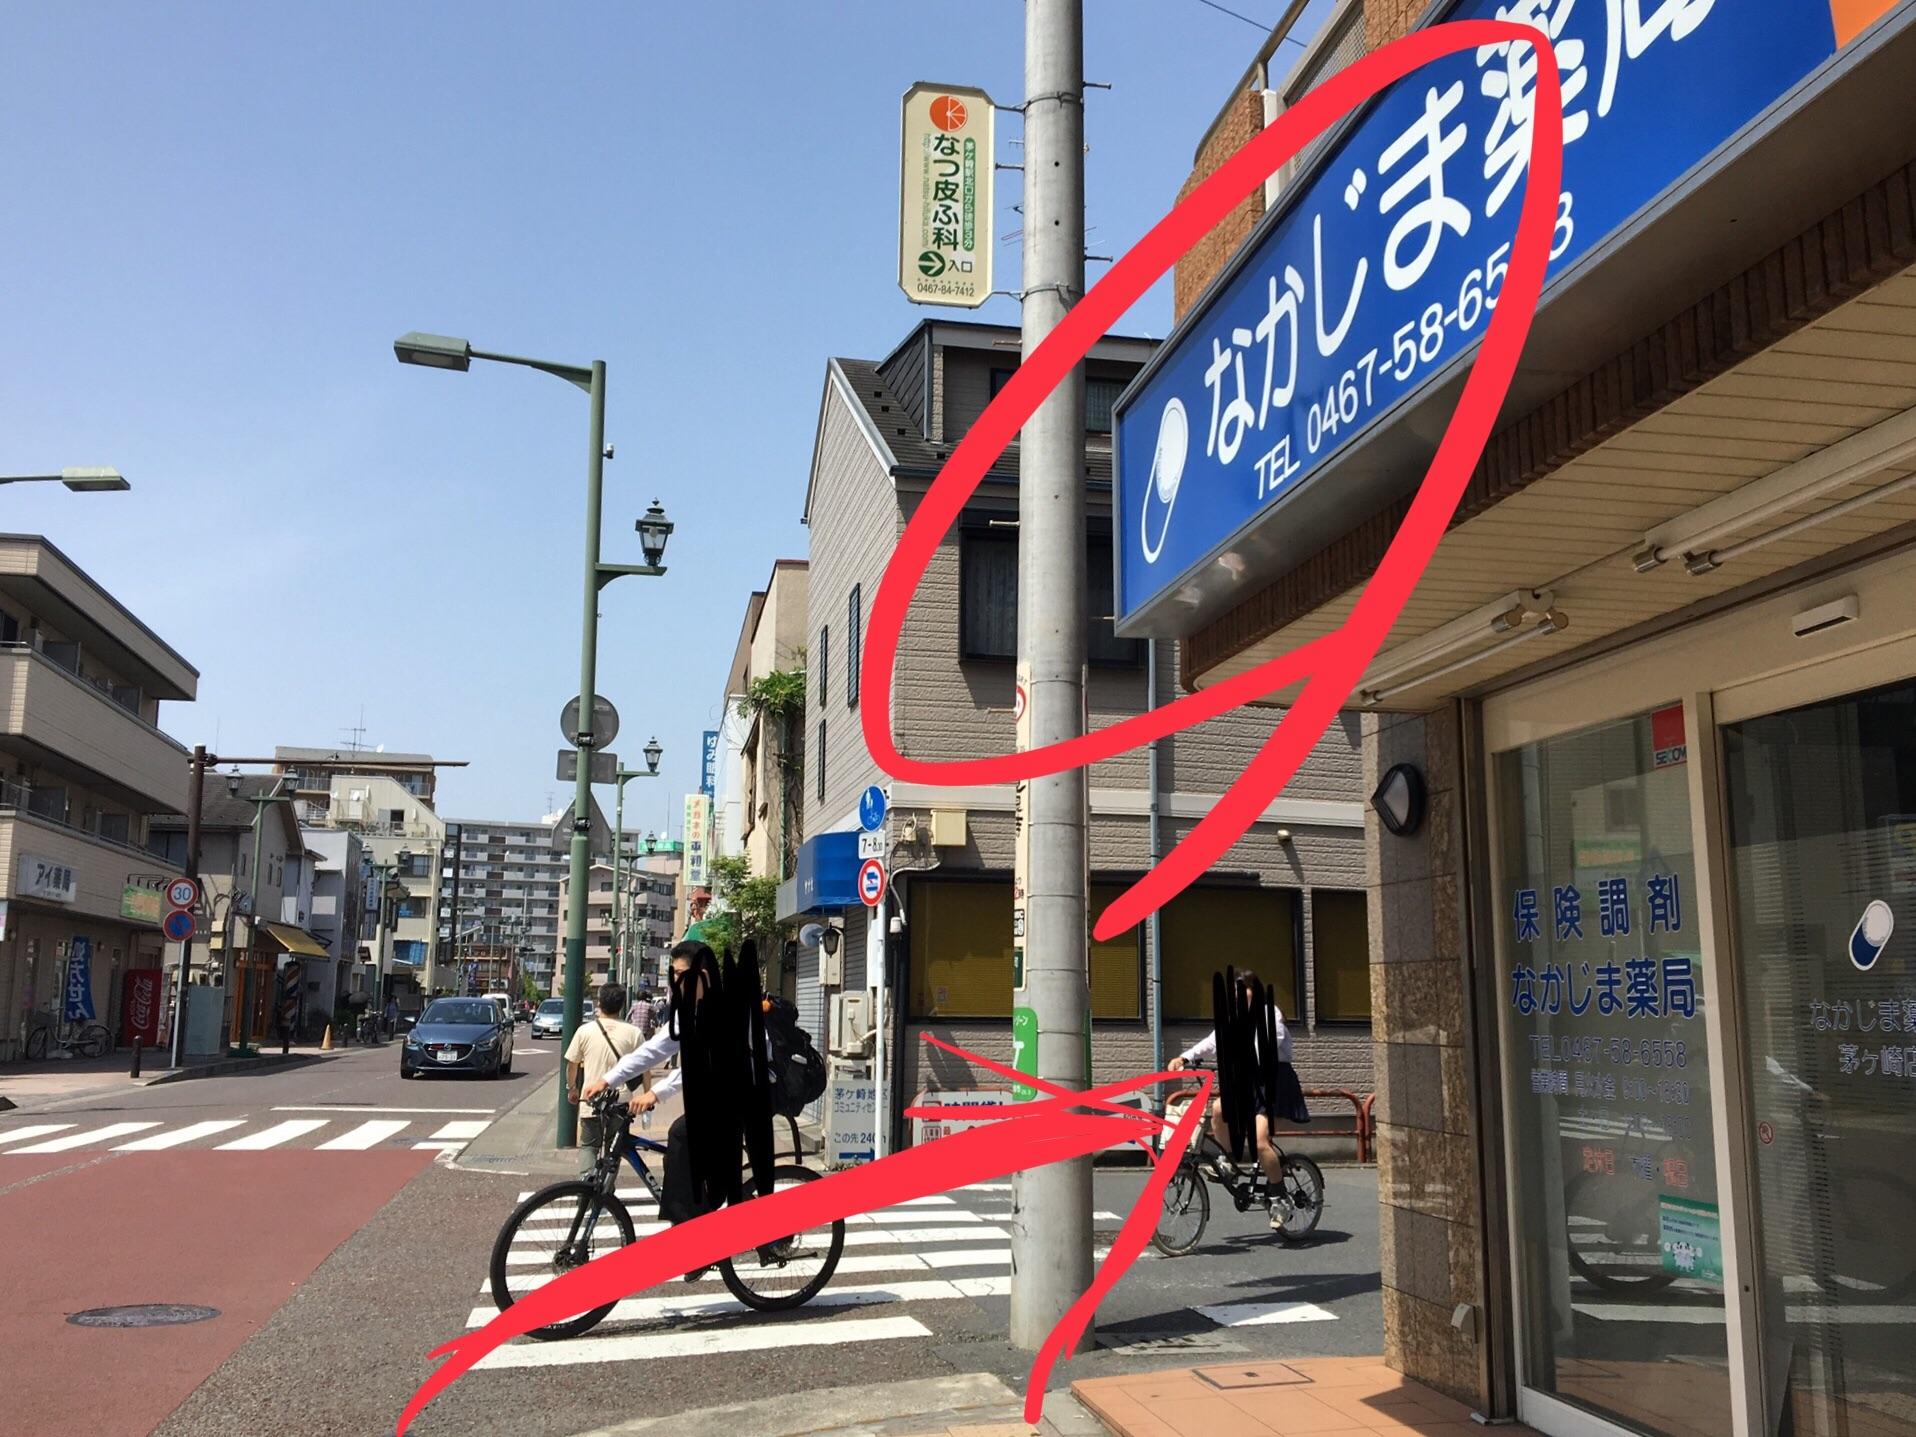 f:id:kaminashiko:20180716171725j:plain